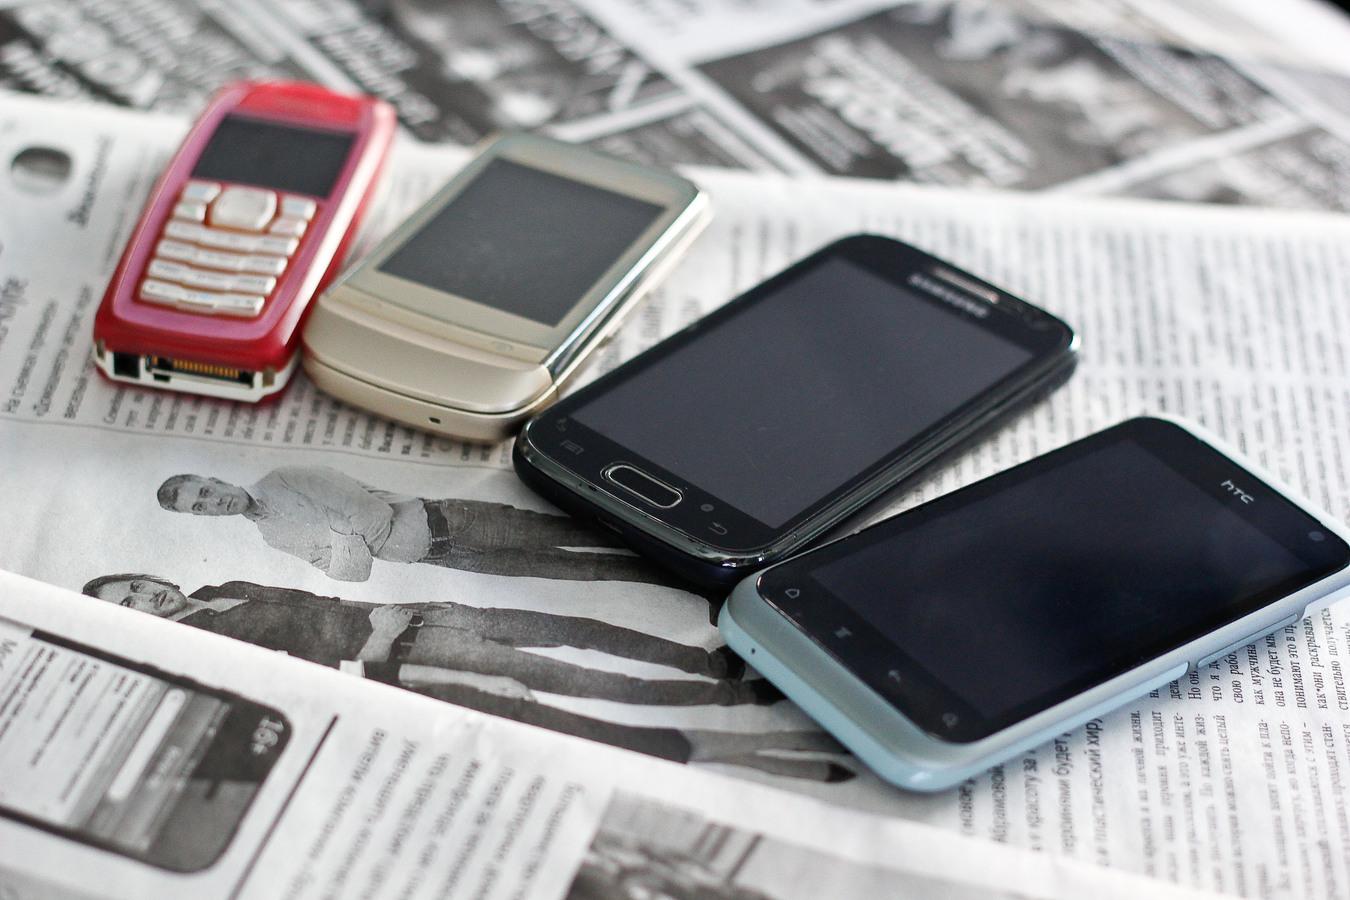 смартфон и обычный телефон